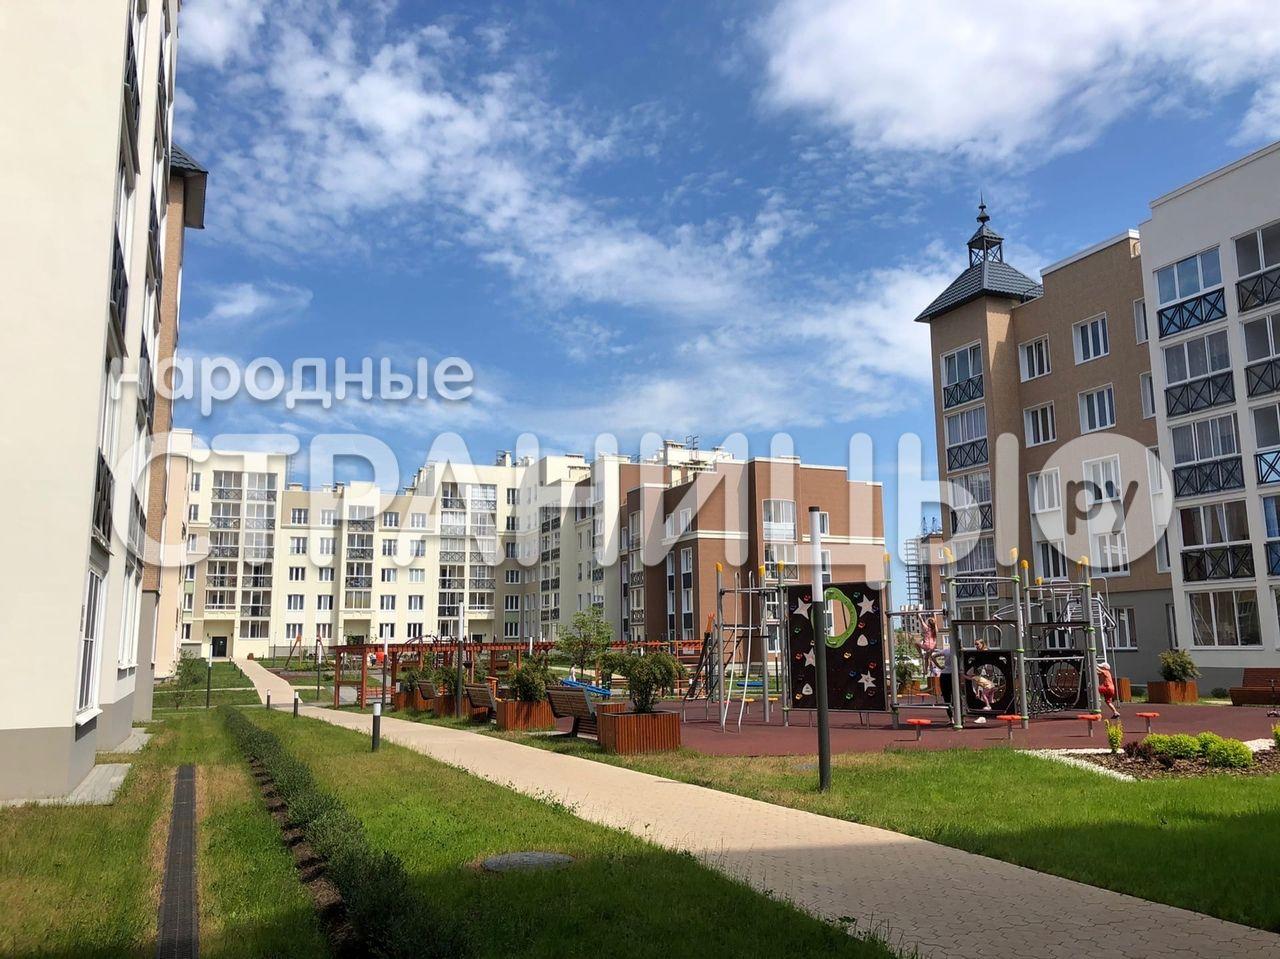 2-комнатная квартира, 53.6 м²,  6/8 эт. Кирпичный дом, Вторичное жилье